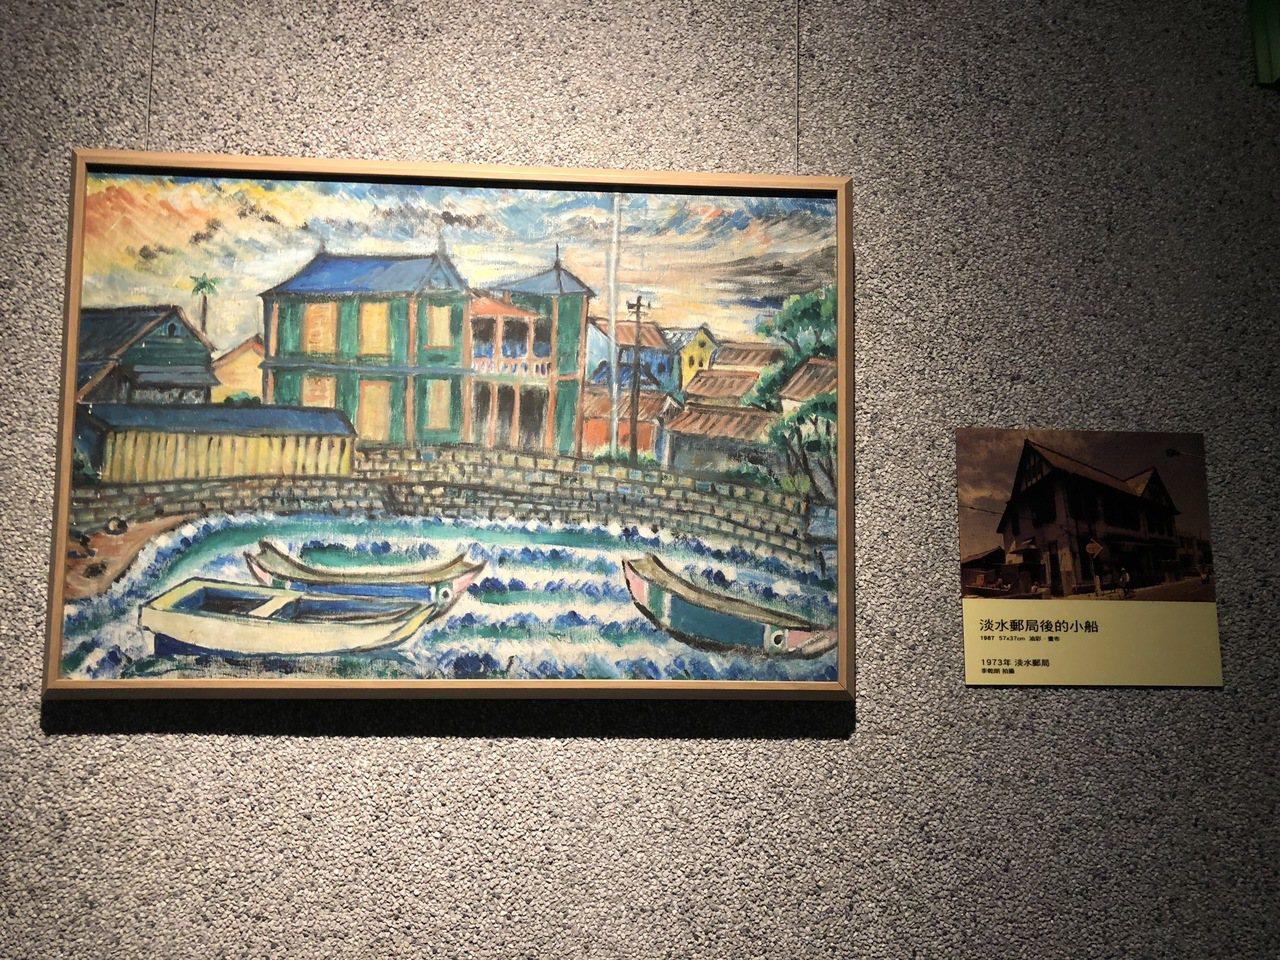 淡水畫家李永沱〈淡水郵局後的小船〉,繪於1987年。記者何定照/攝影